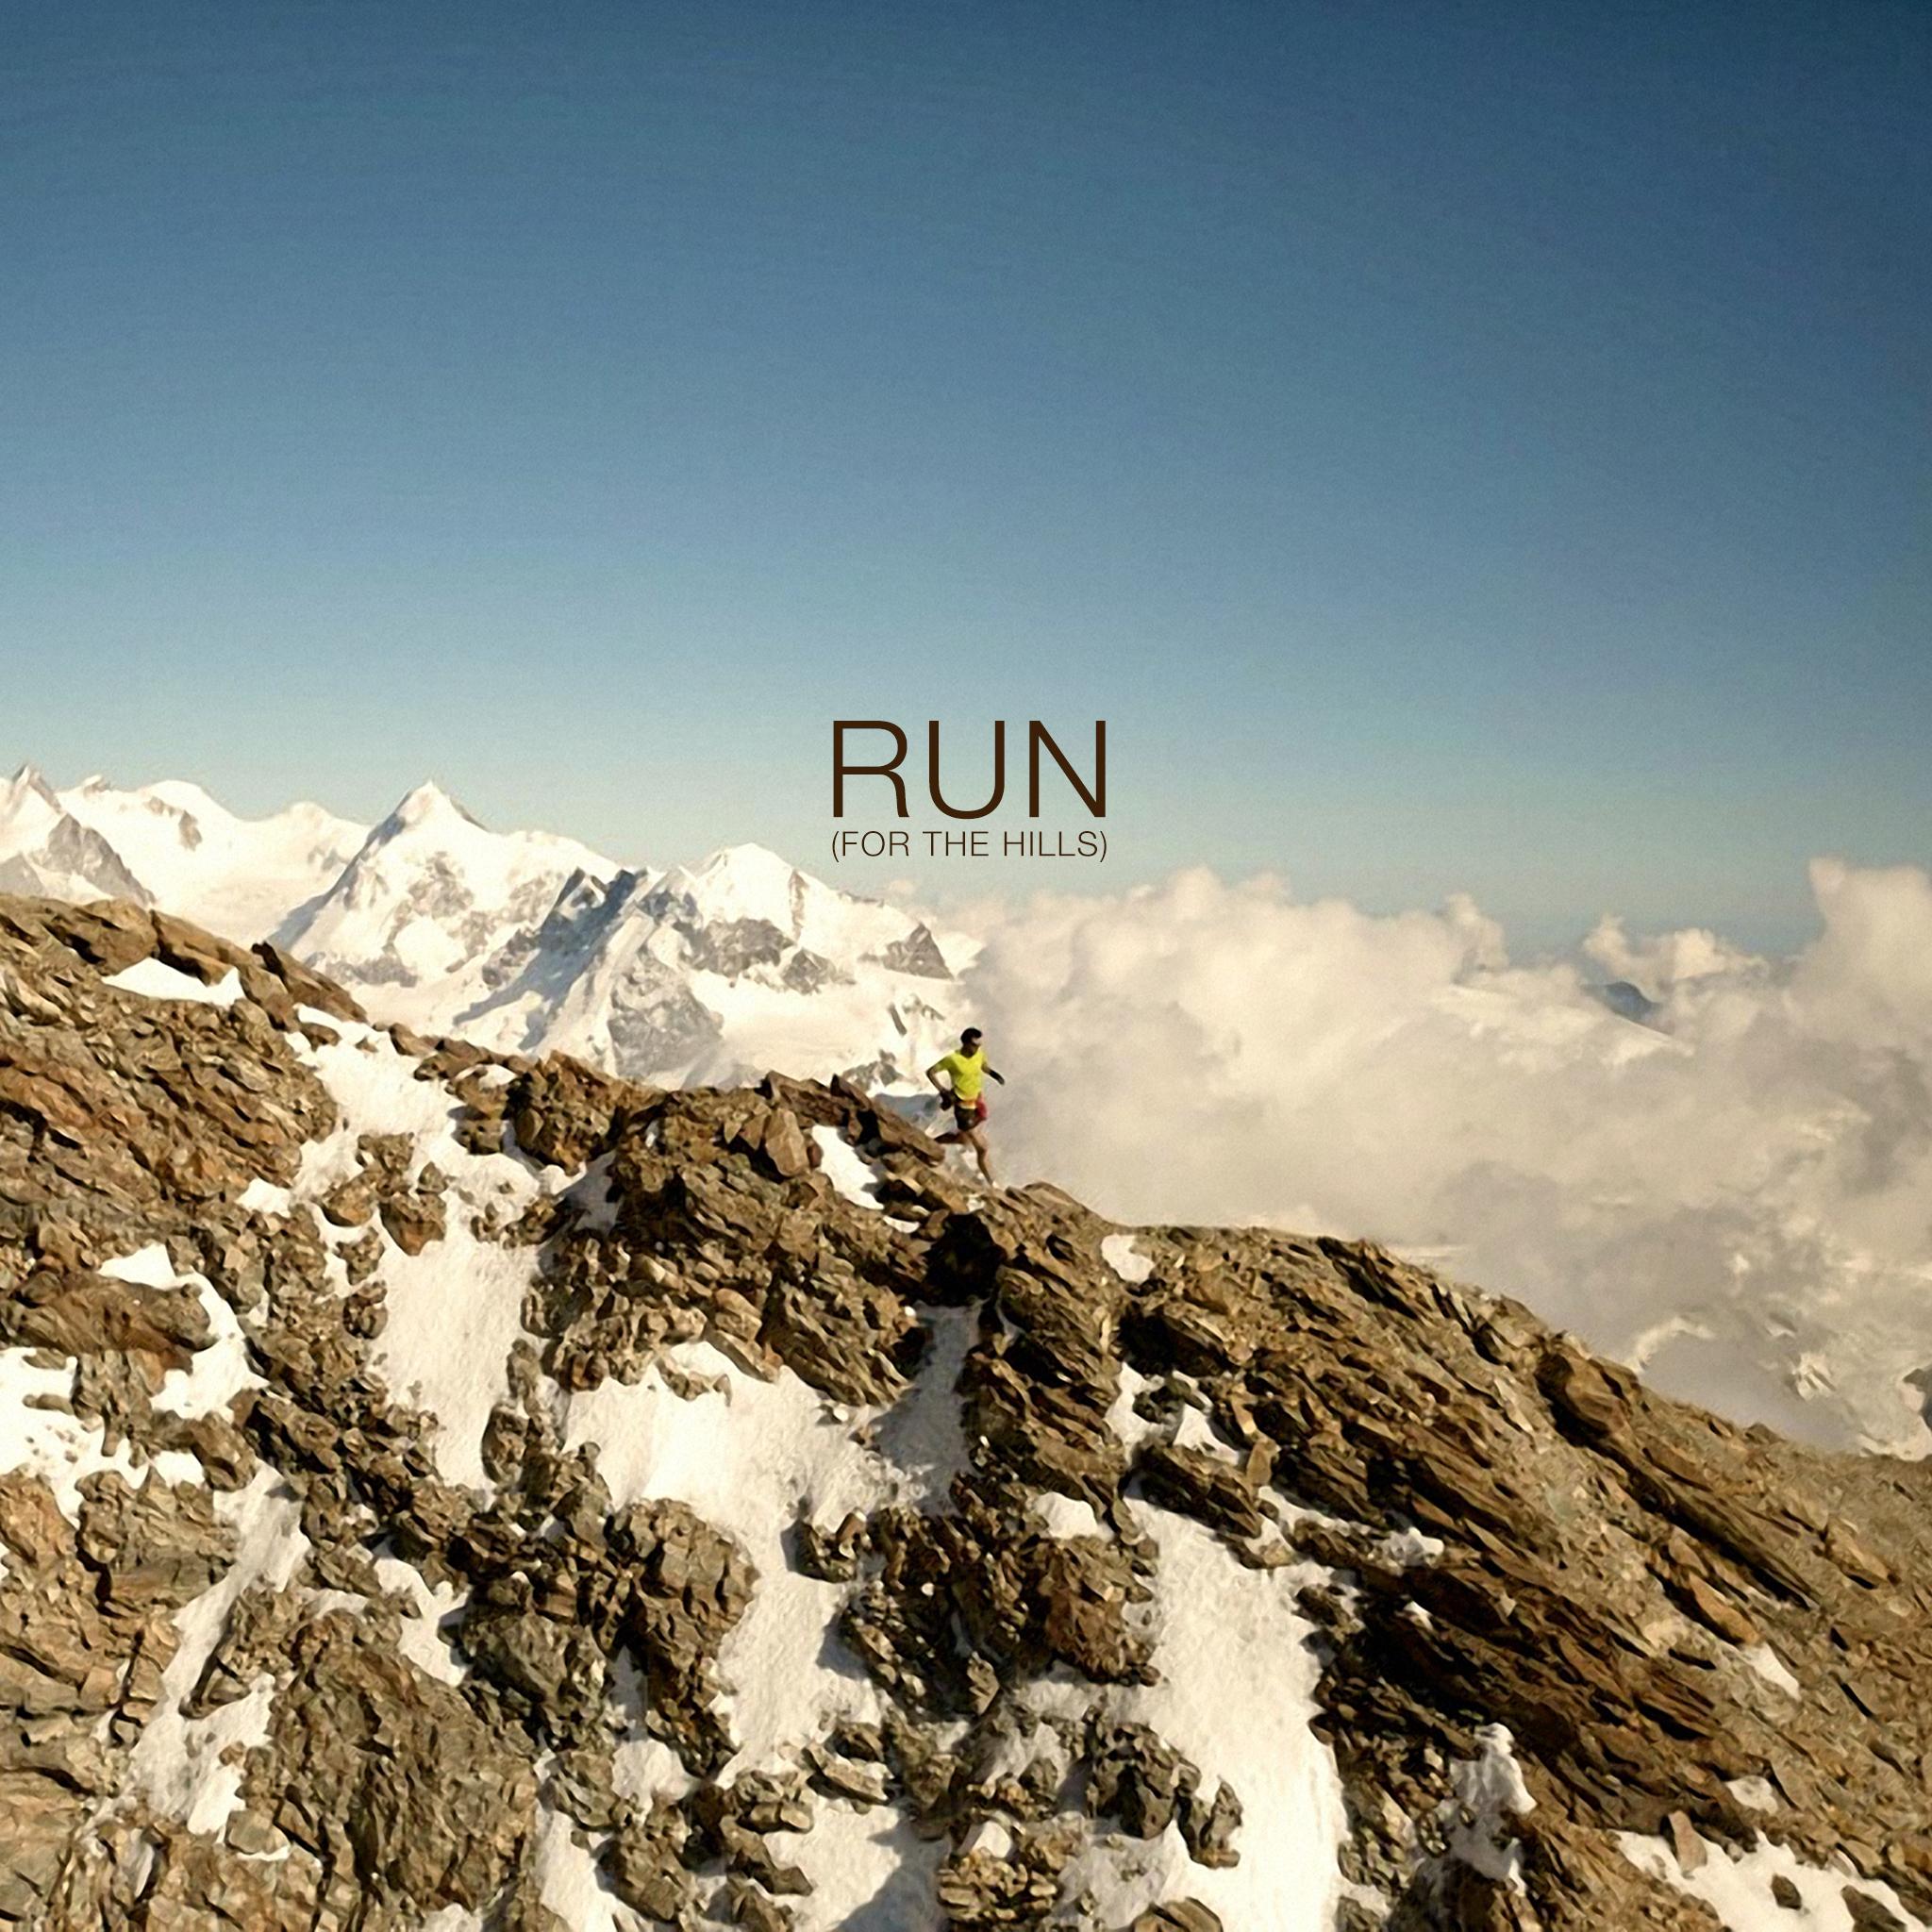 Run for the Hills Wallpaper   RunByDesign 2048x2048